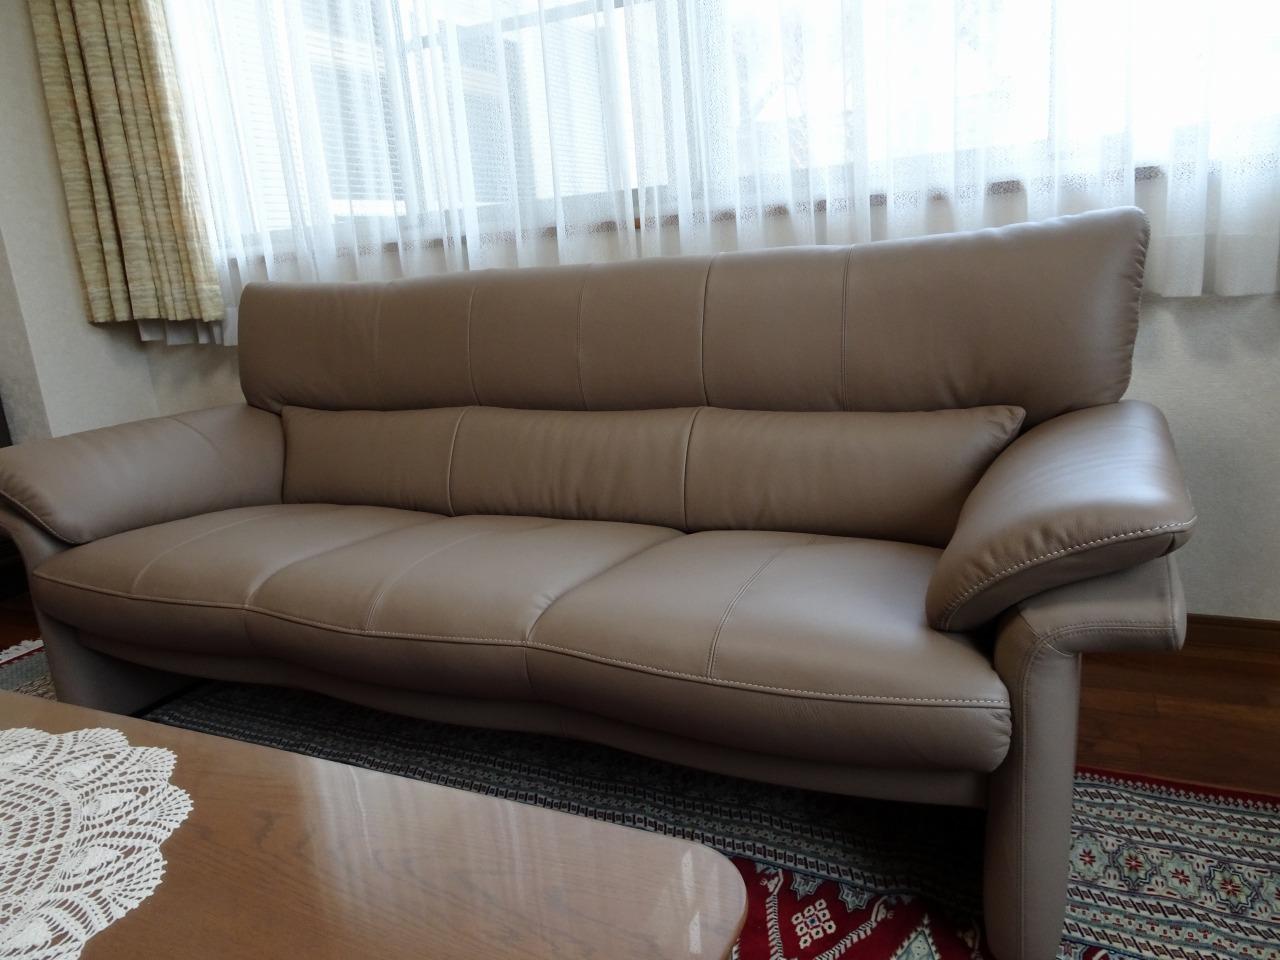 カリモク品番:長椅子ソファー ZU3403X034